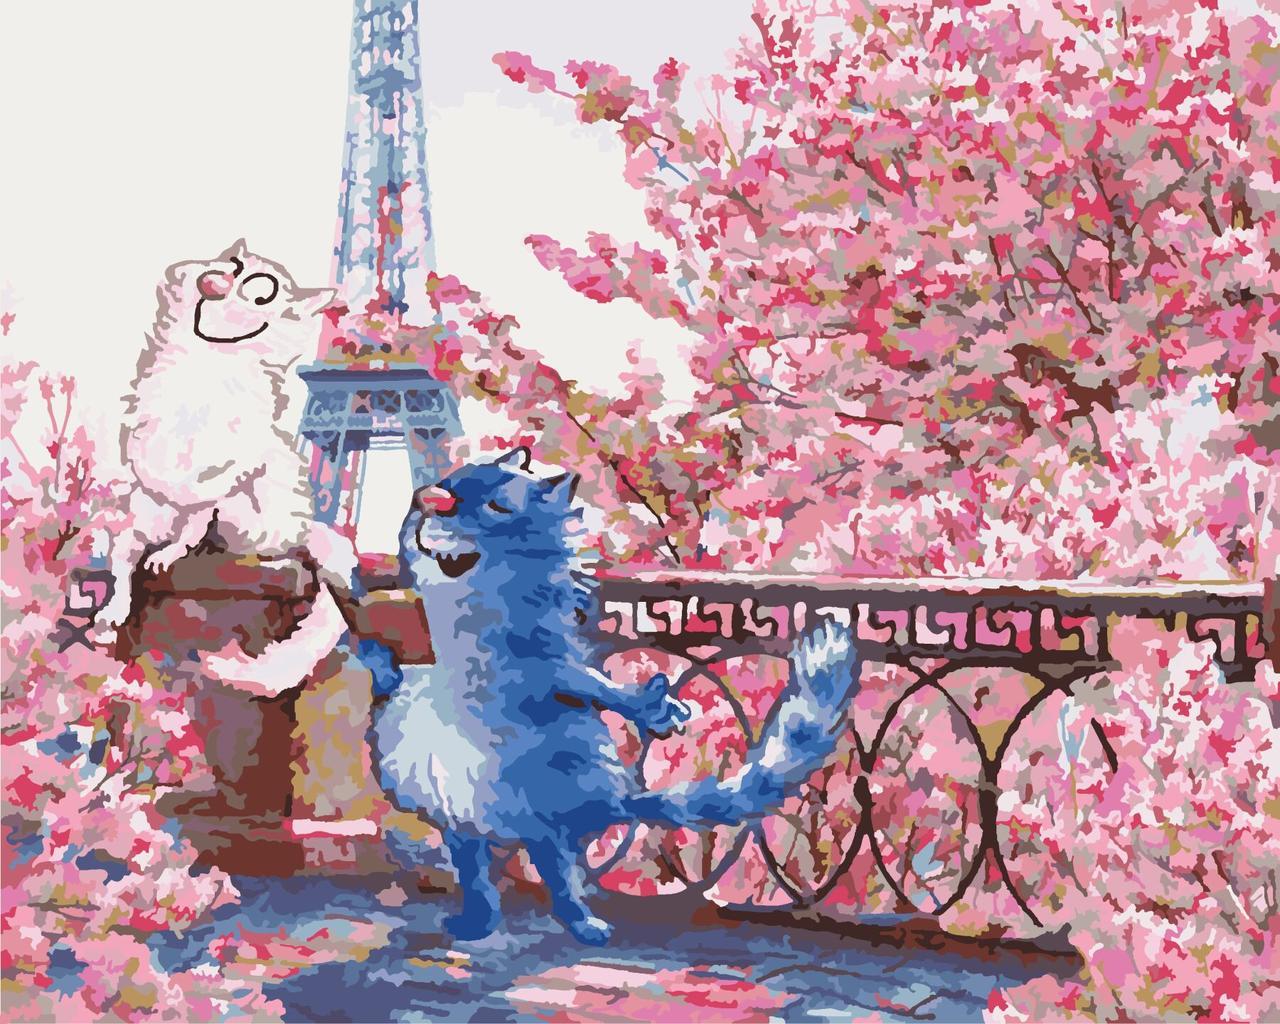 КНО4047 Раскраска по номерам Свидание в Париже, Без коробки